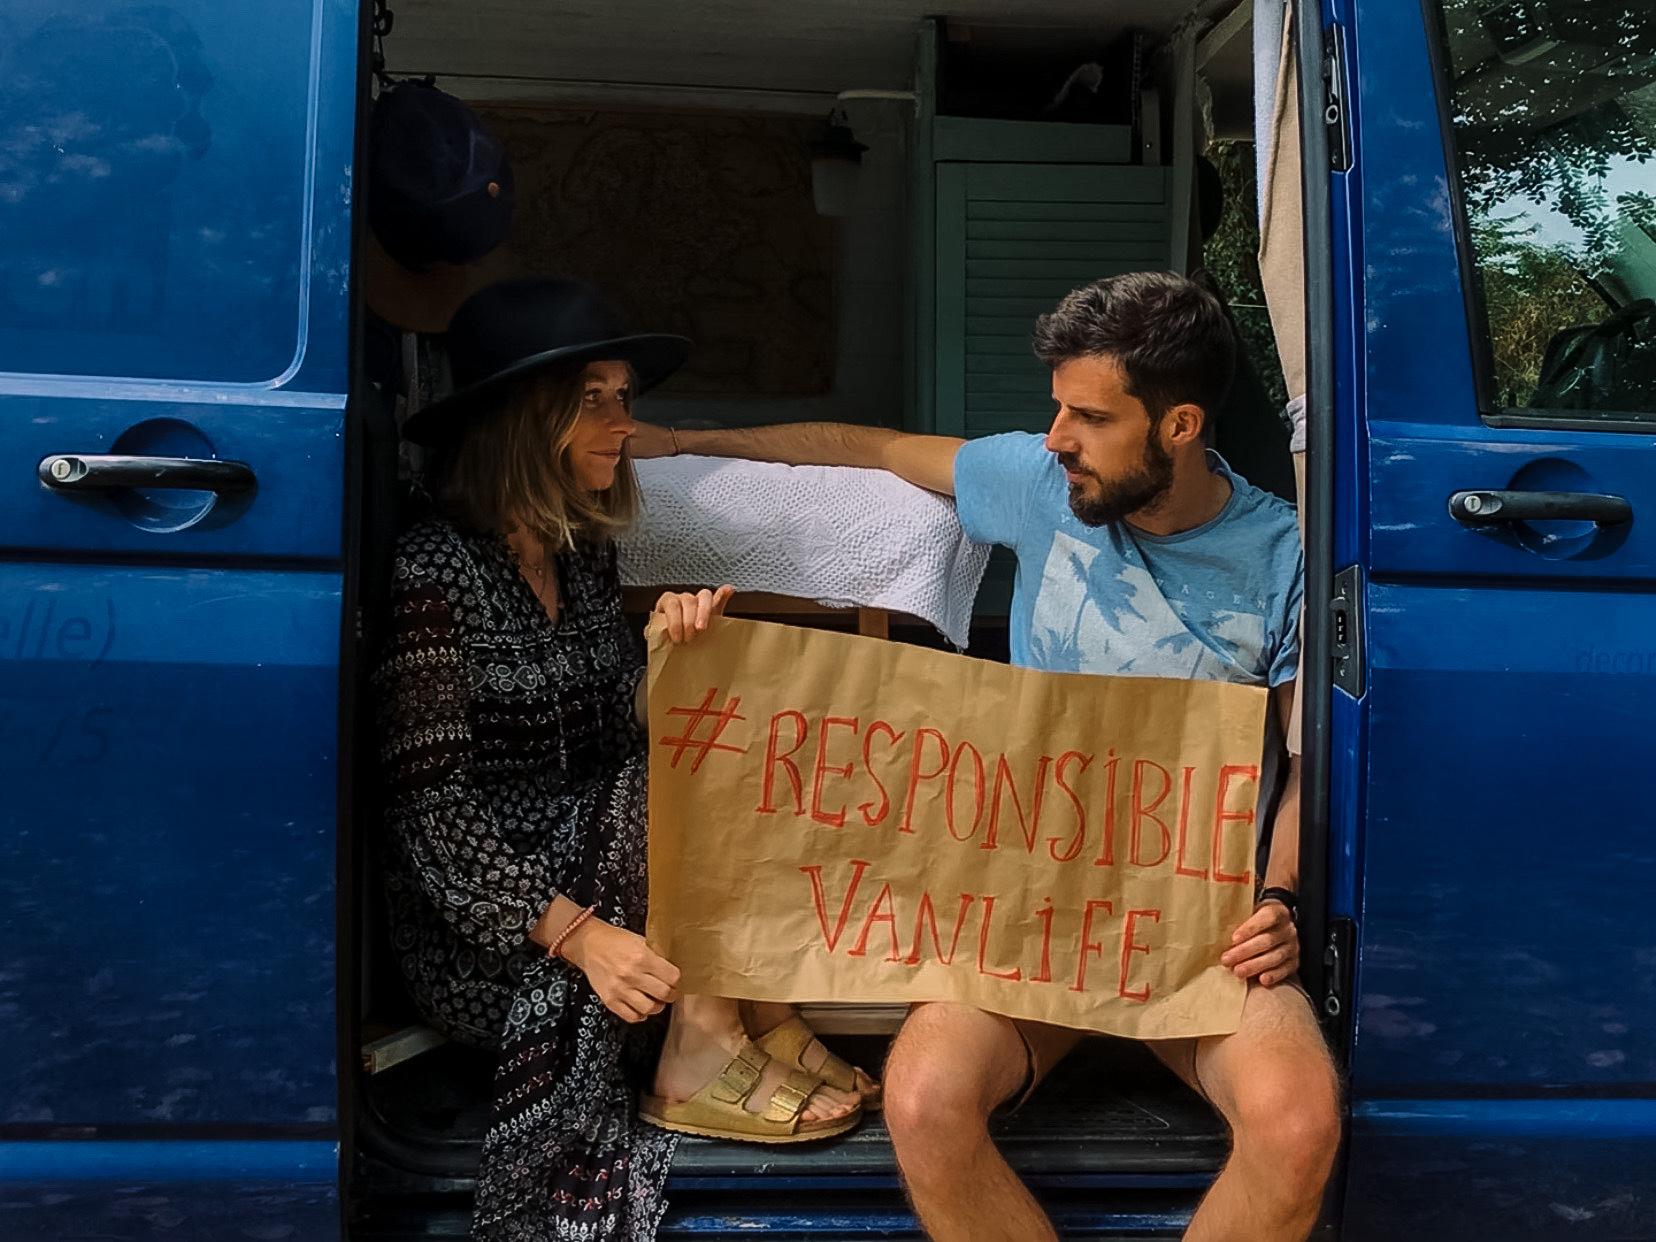 voyageurs de demain Anais et Olivier passer la seconde vanlife responsable